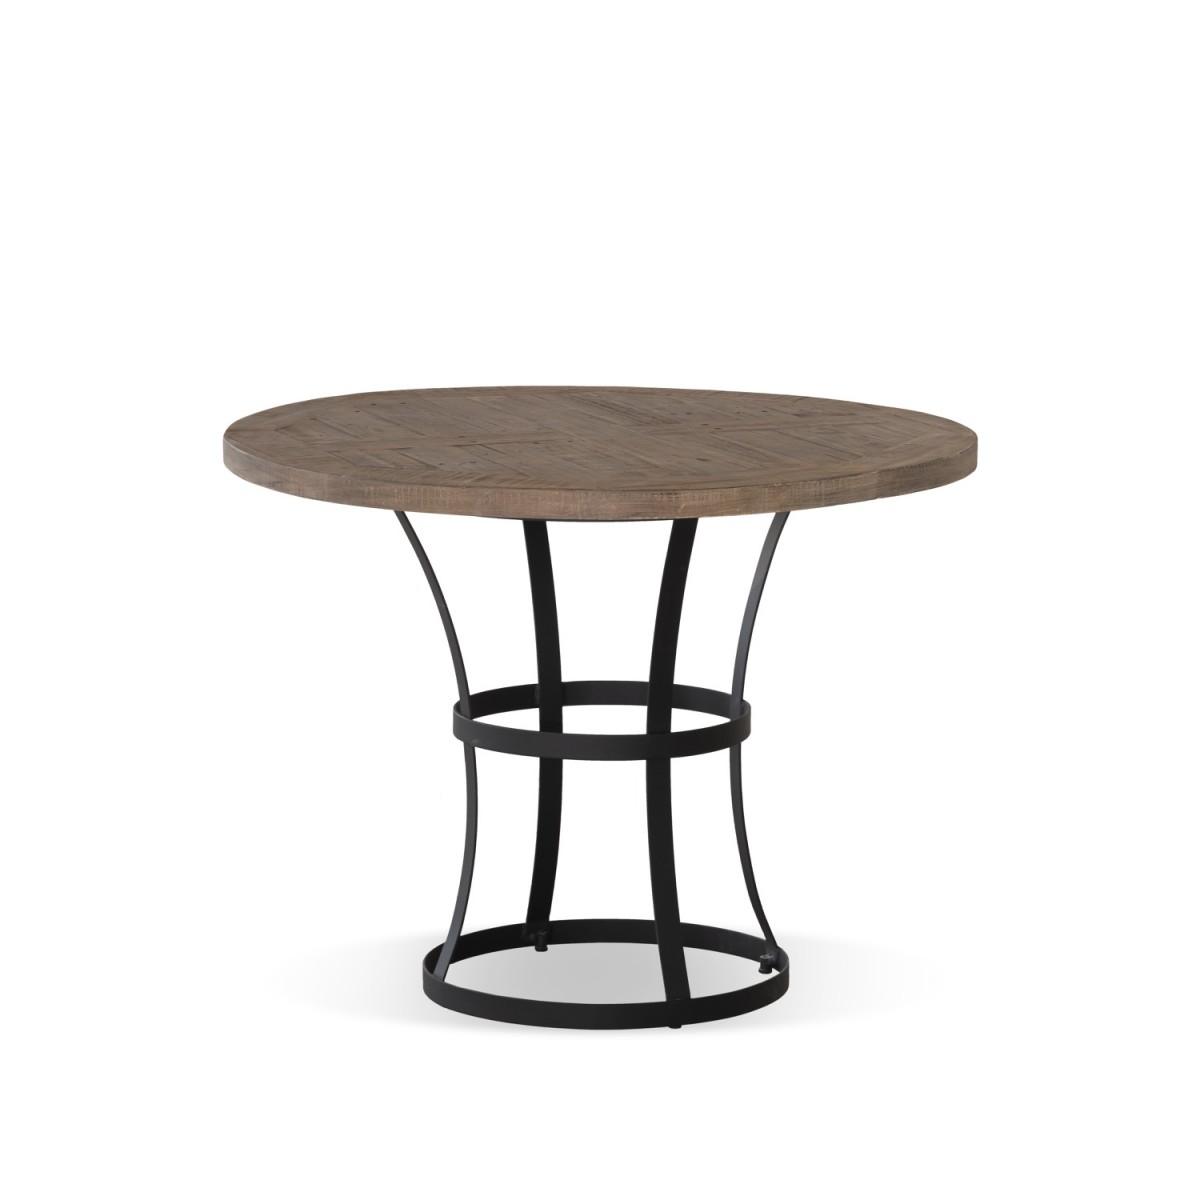 Table Ronde Bois Marron 100x100x75cm